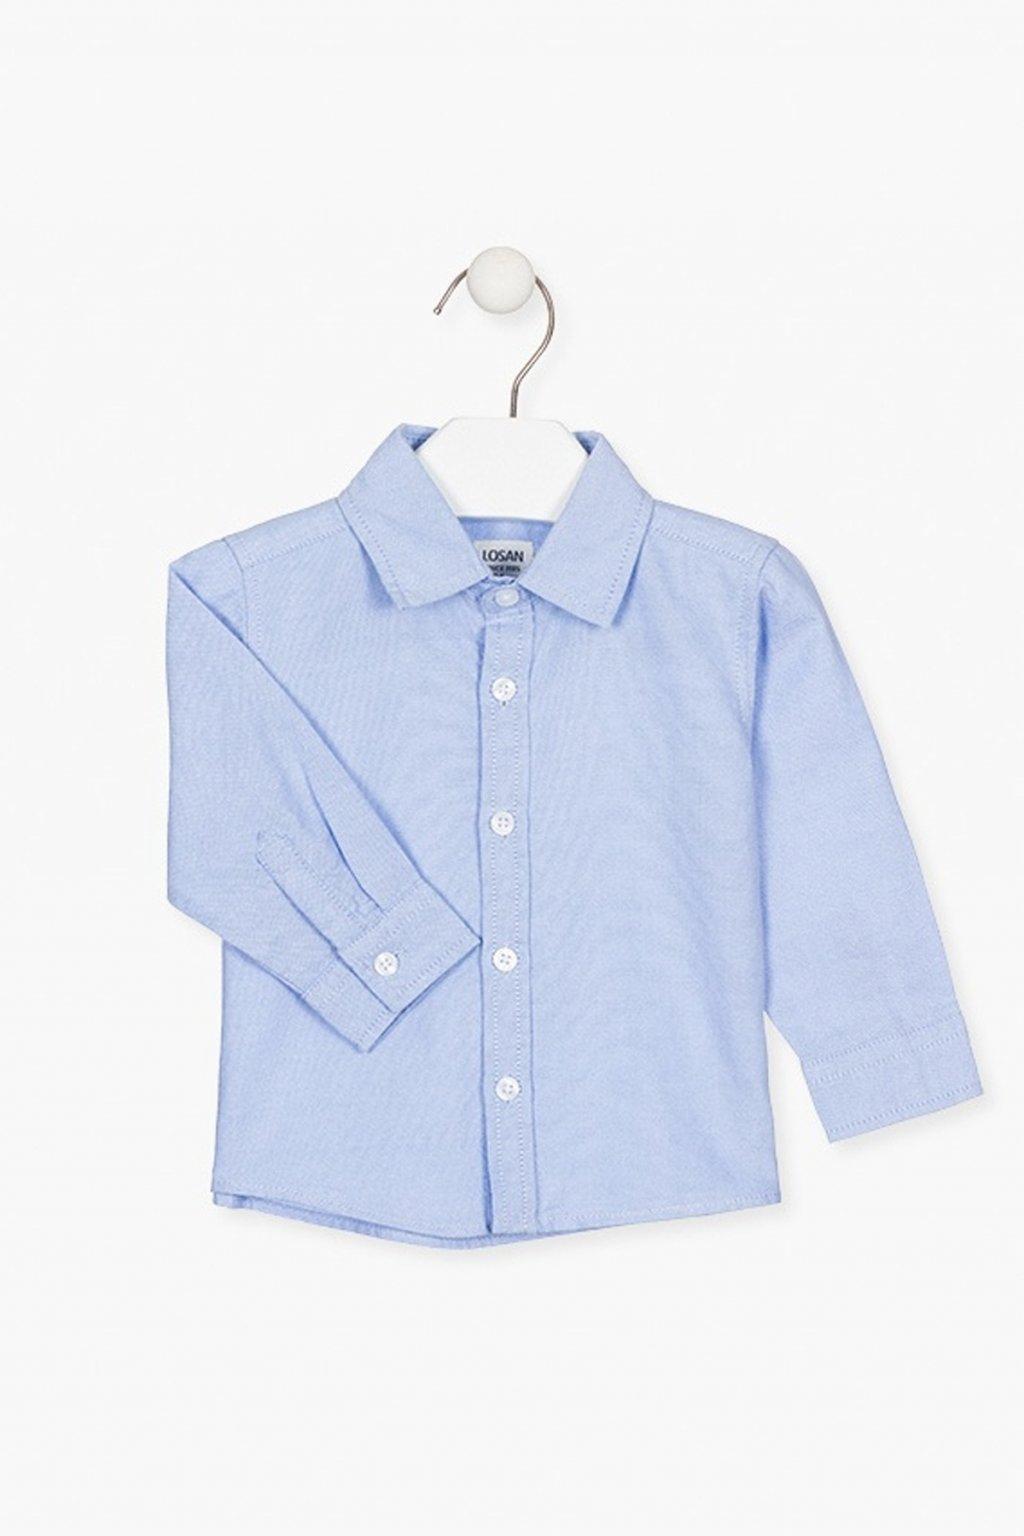 LOSAN - Košile (Barva Světle modrá, Velikost 92)